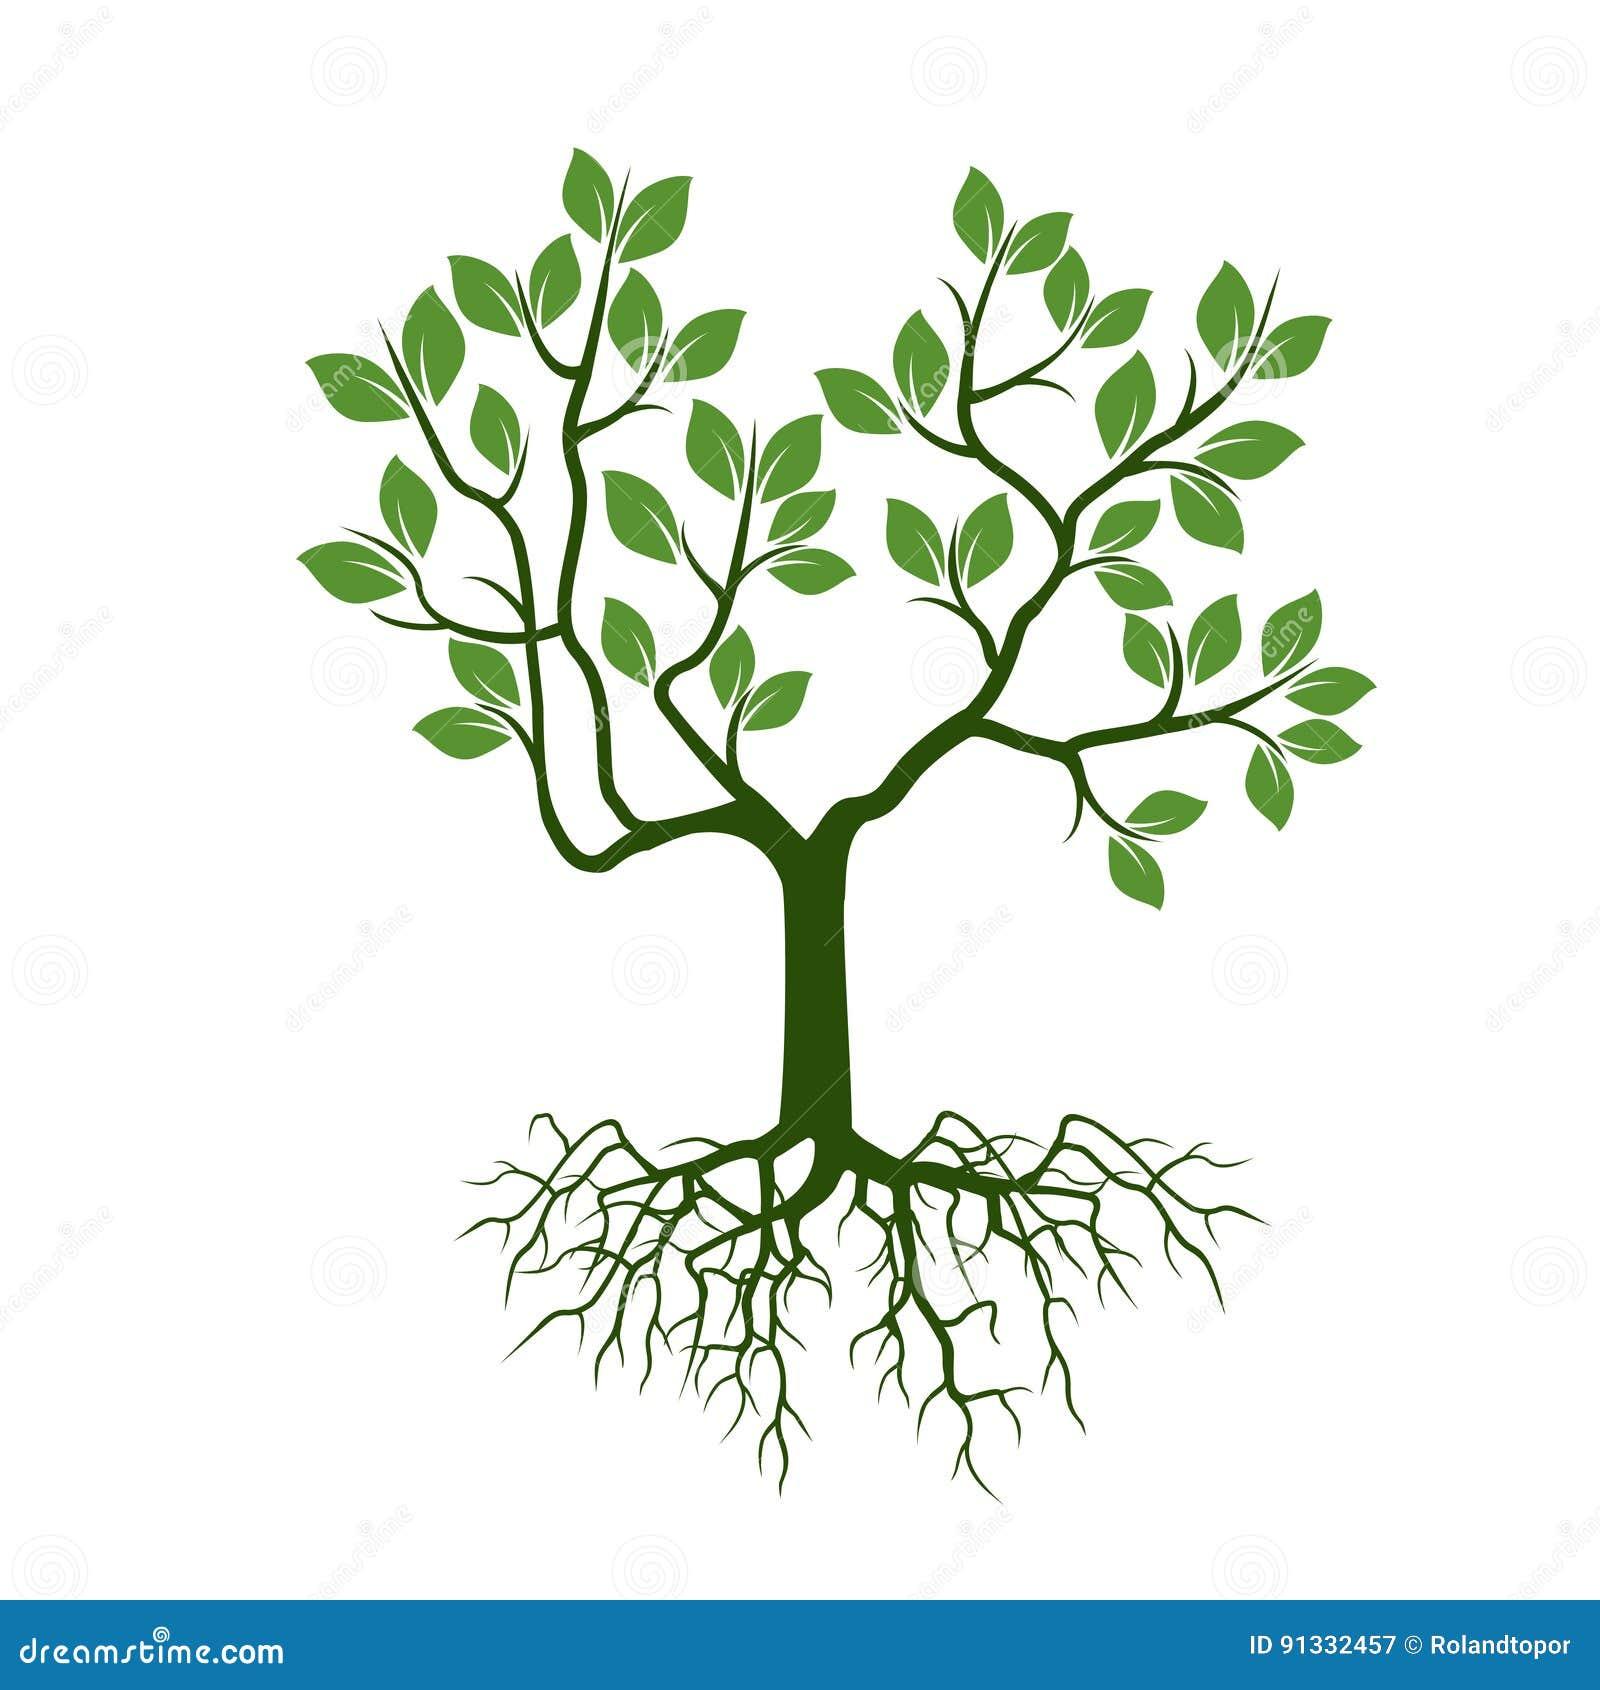 Шаблоны деревьев для корела скачать бесплатно